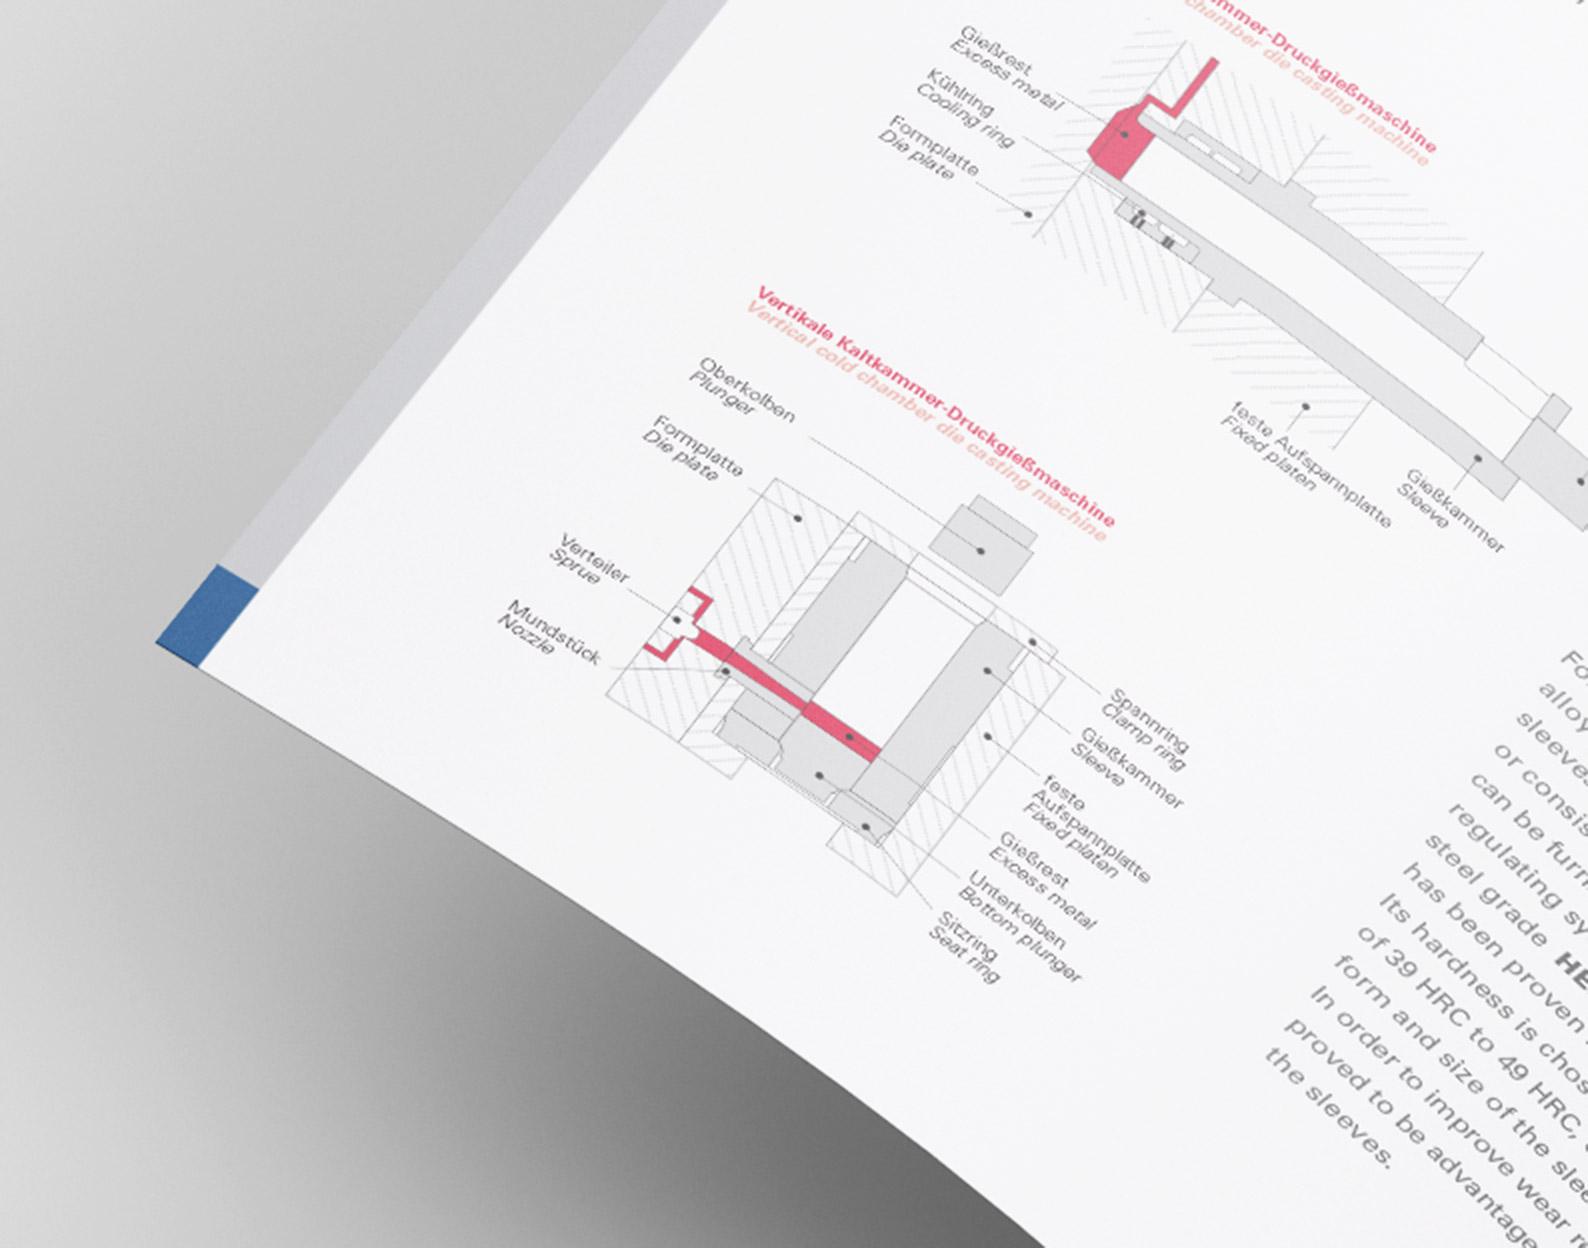 Technische Zeichnung 'Vertikale Kaltkammer-Druckgießmaschine'